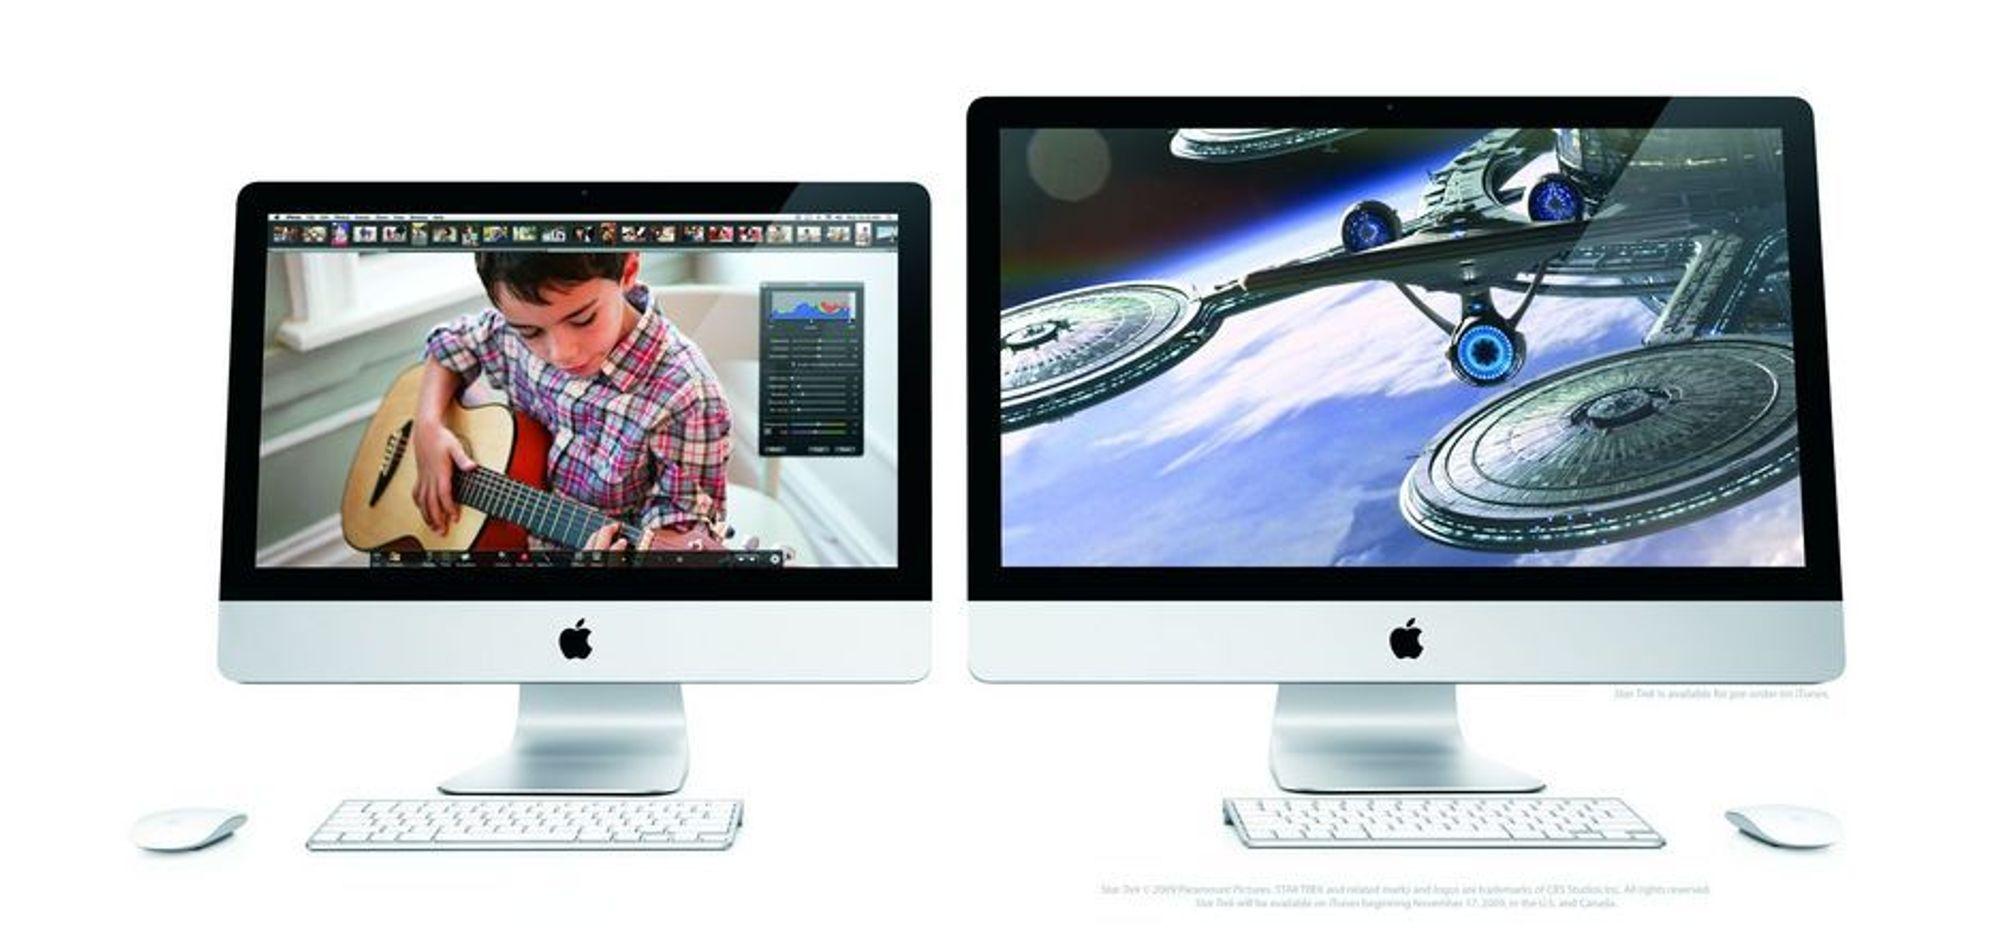 STØRRE: Nye iMac kommer med skjermstørrelser på 21,5 og 27 tommer.